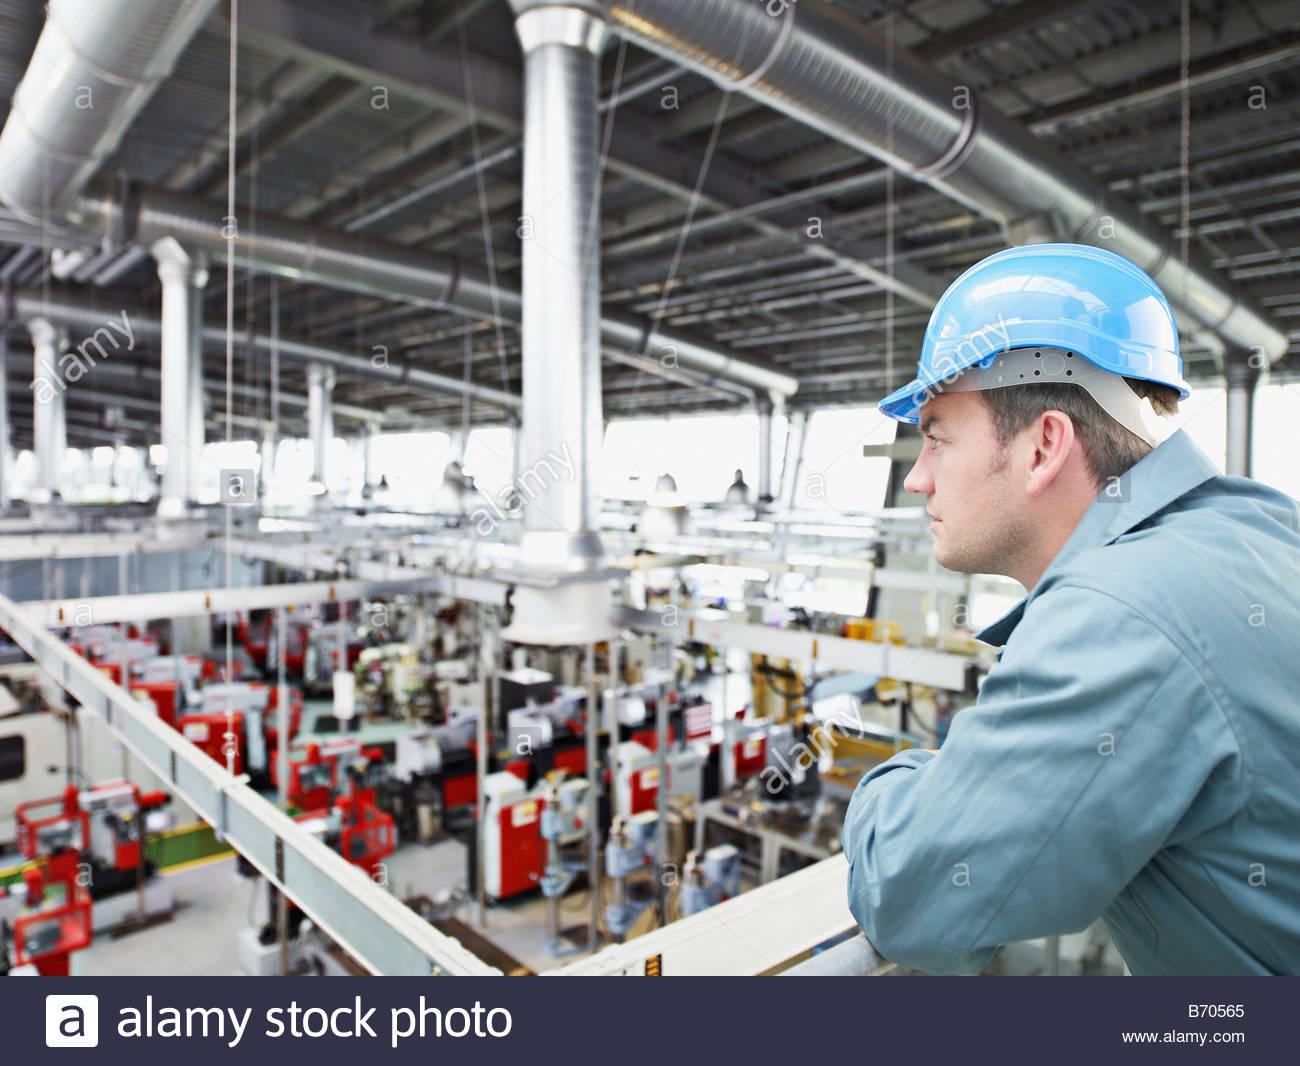 factory worker in hard